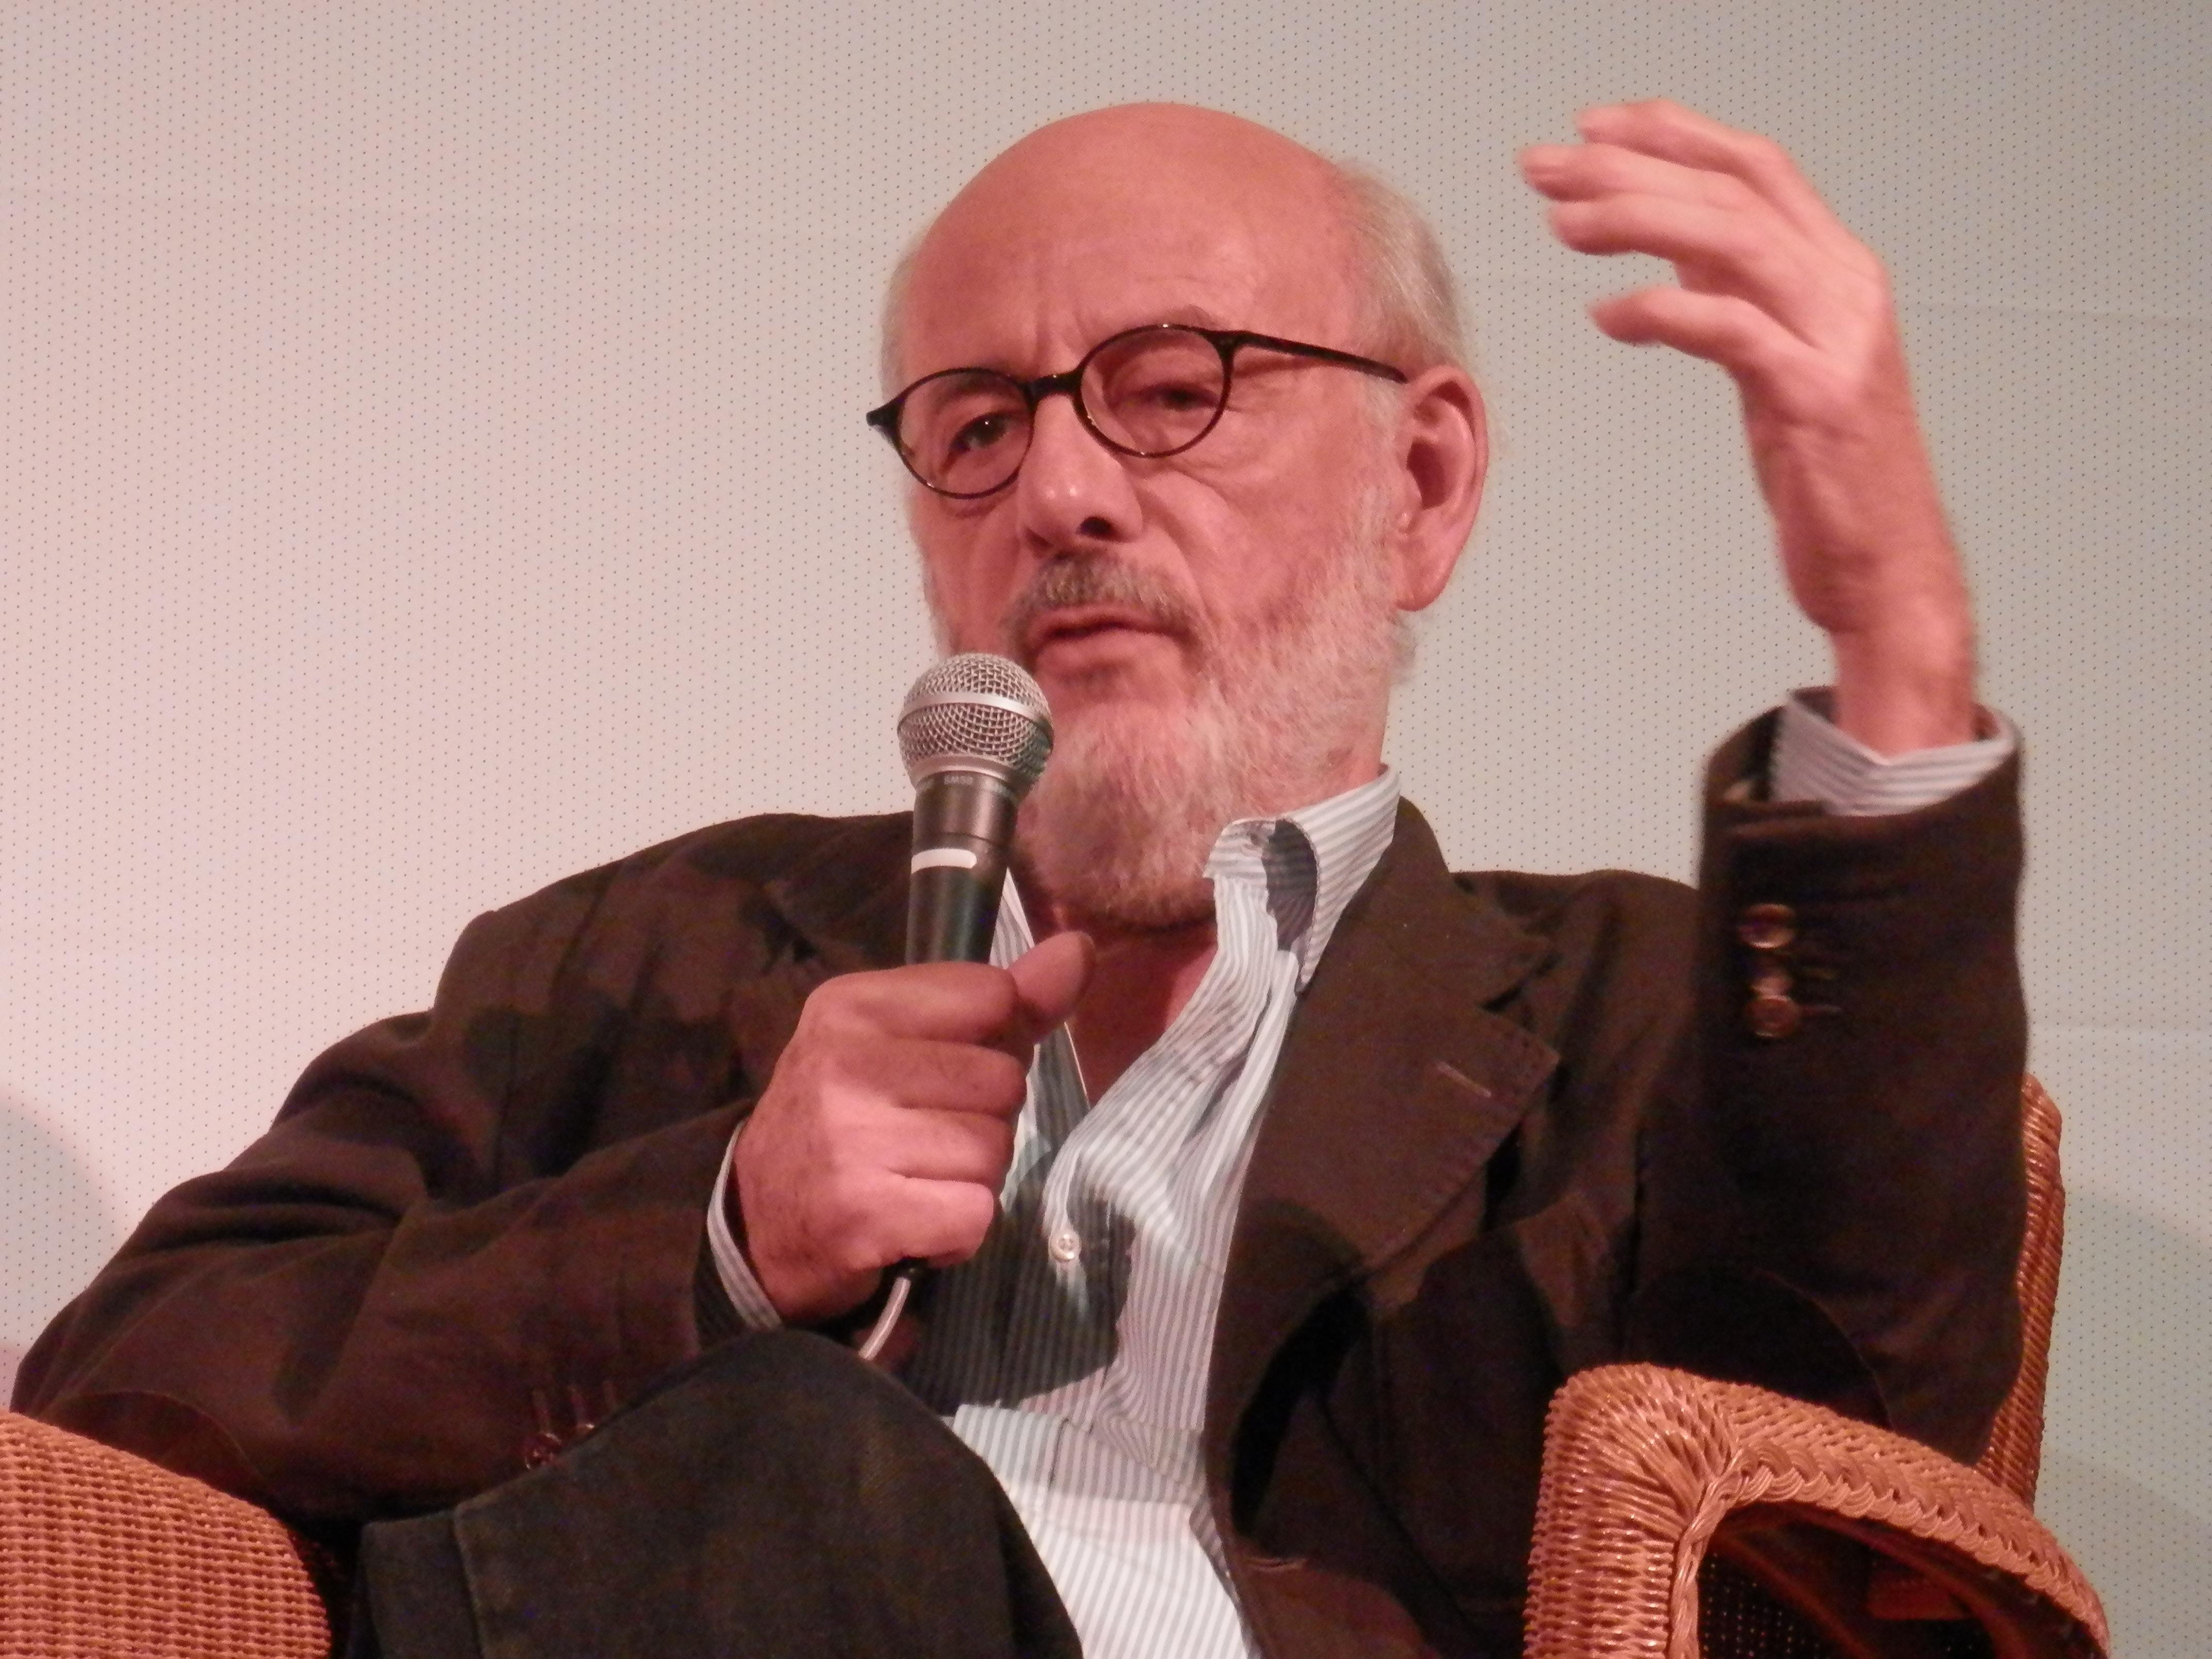 Entretien avec Bertrand Blier : des Valseuses à Combien tu m'aimes ?, une filmographie commentée